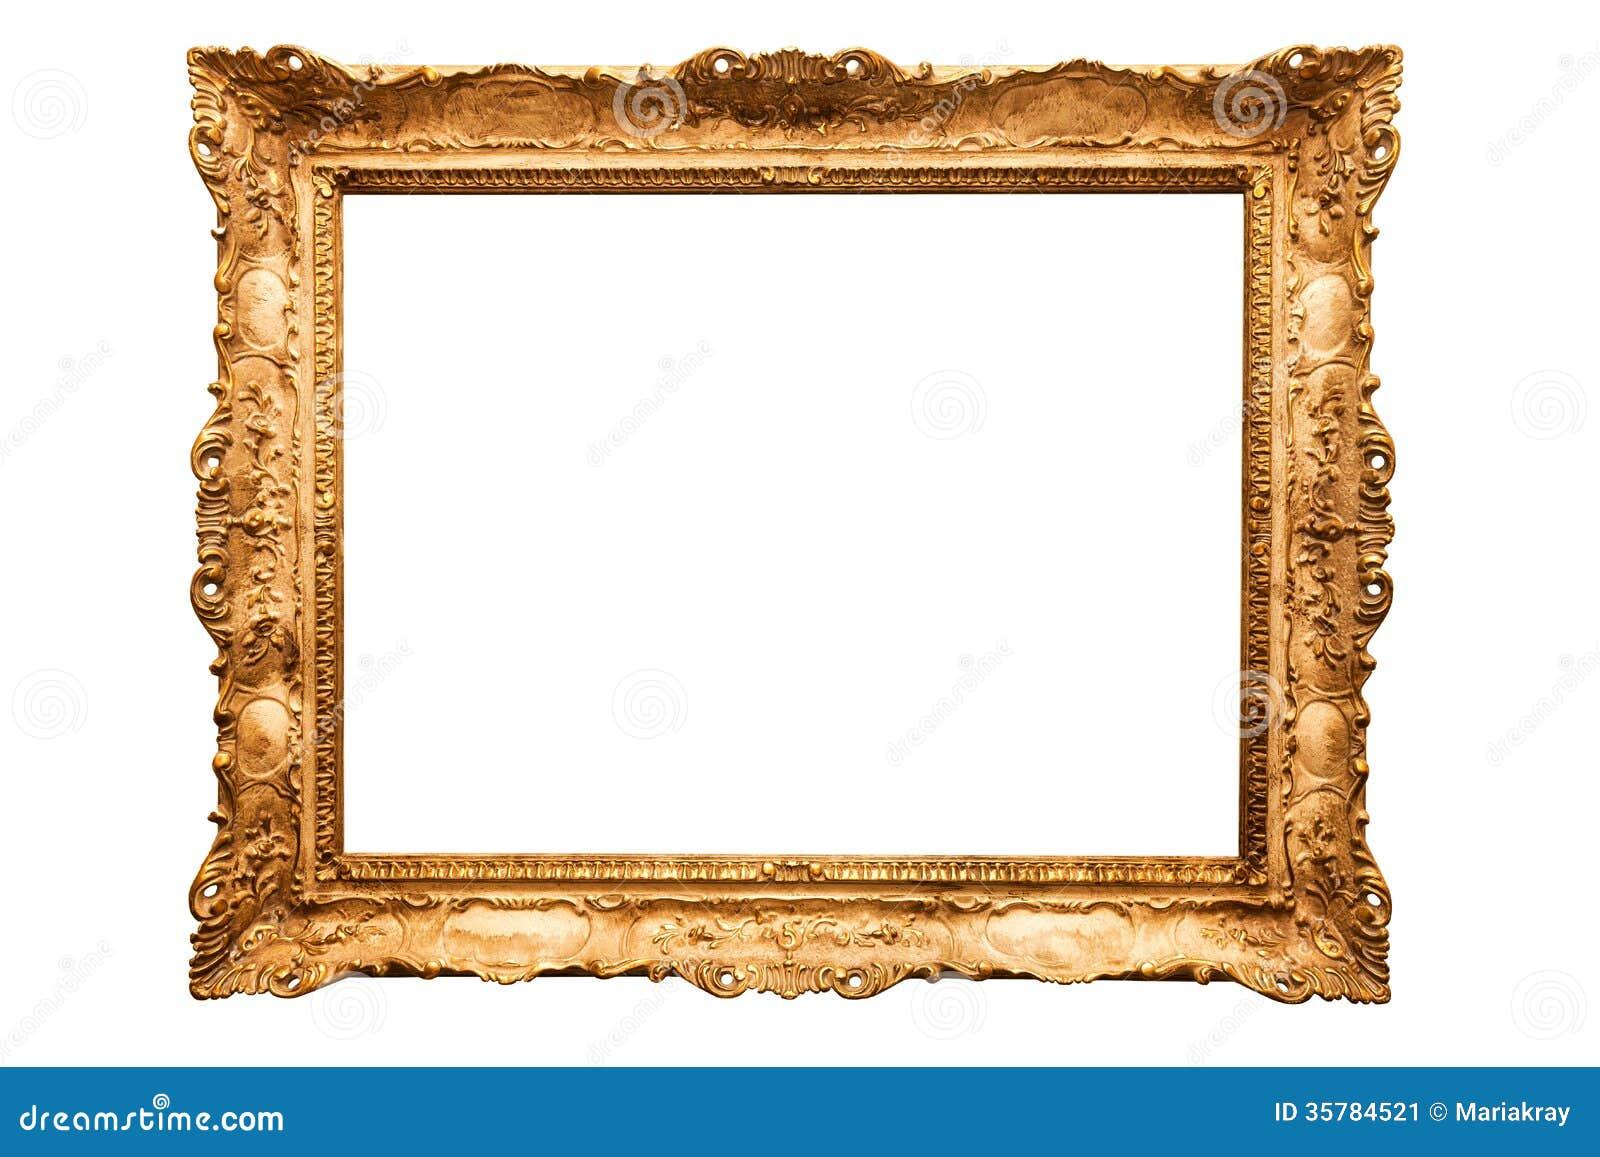 Goldrahmen stockbild. Bild von dekor, muster, feld, getrennt - 35784521